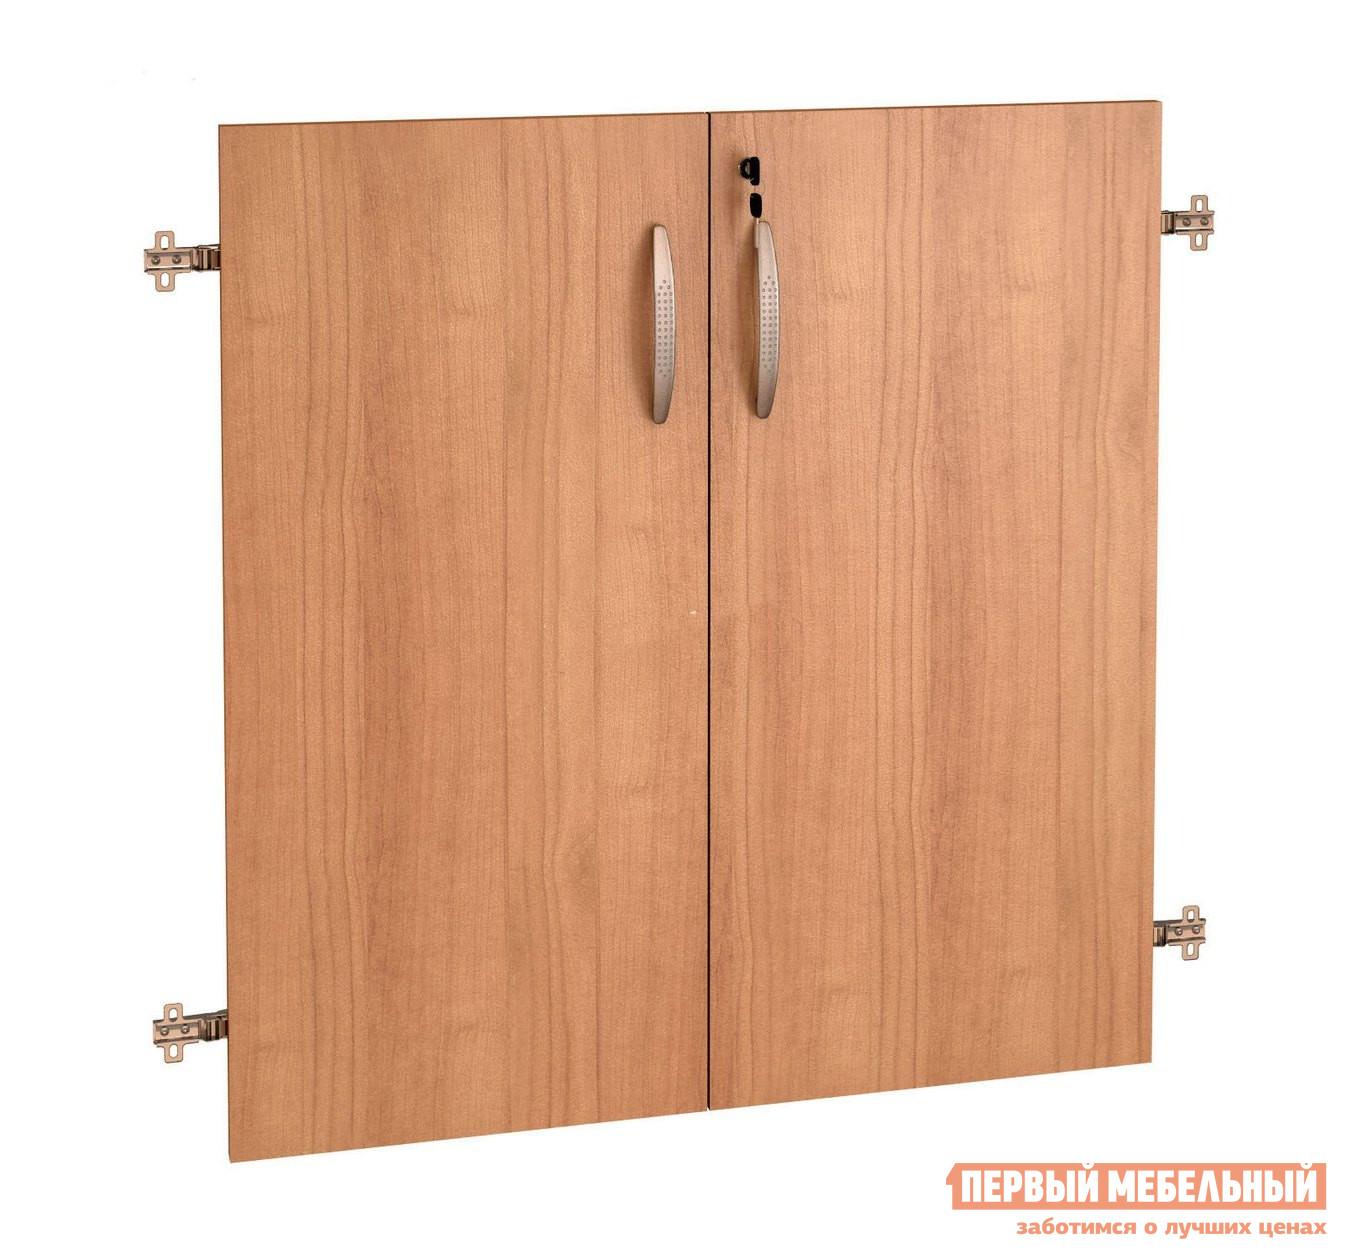 Дверь Витра 61(62).59 стол с ящиками витра 19 71